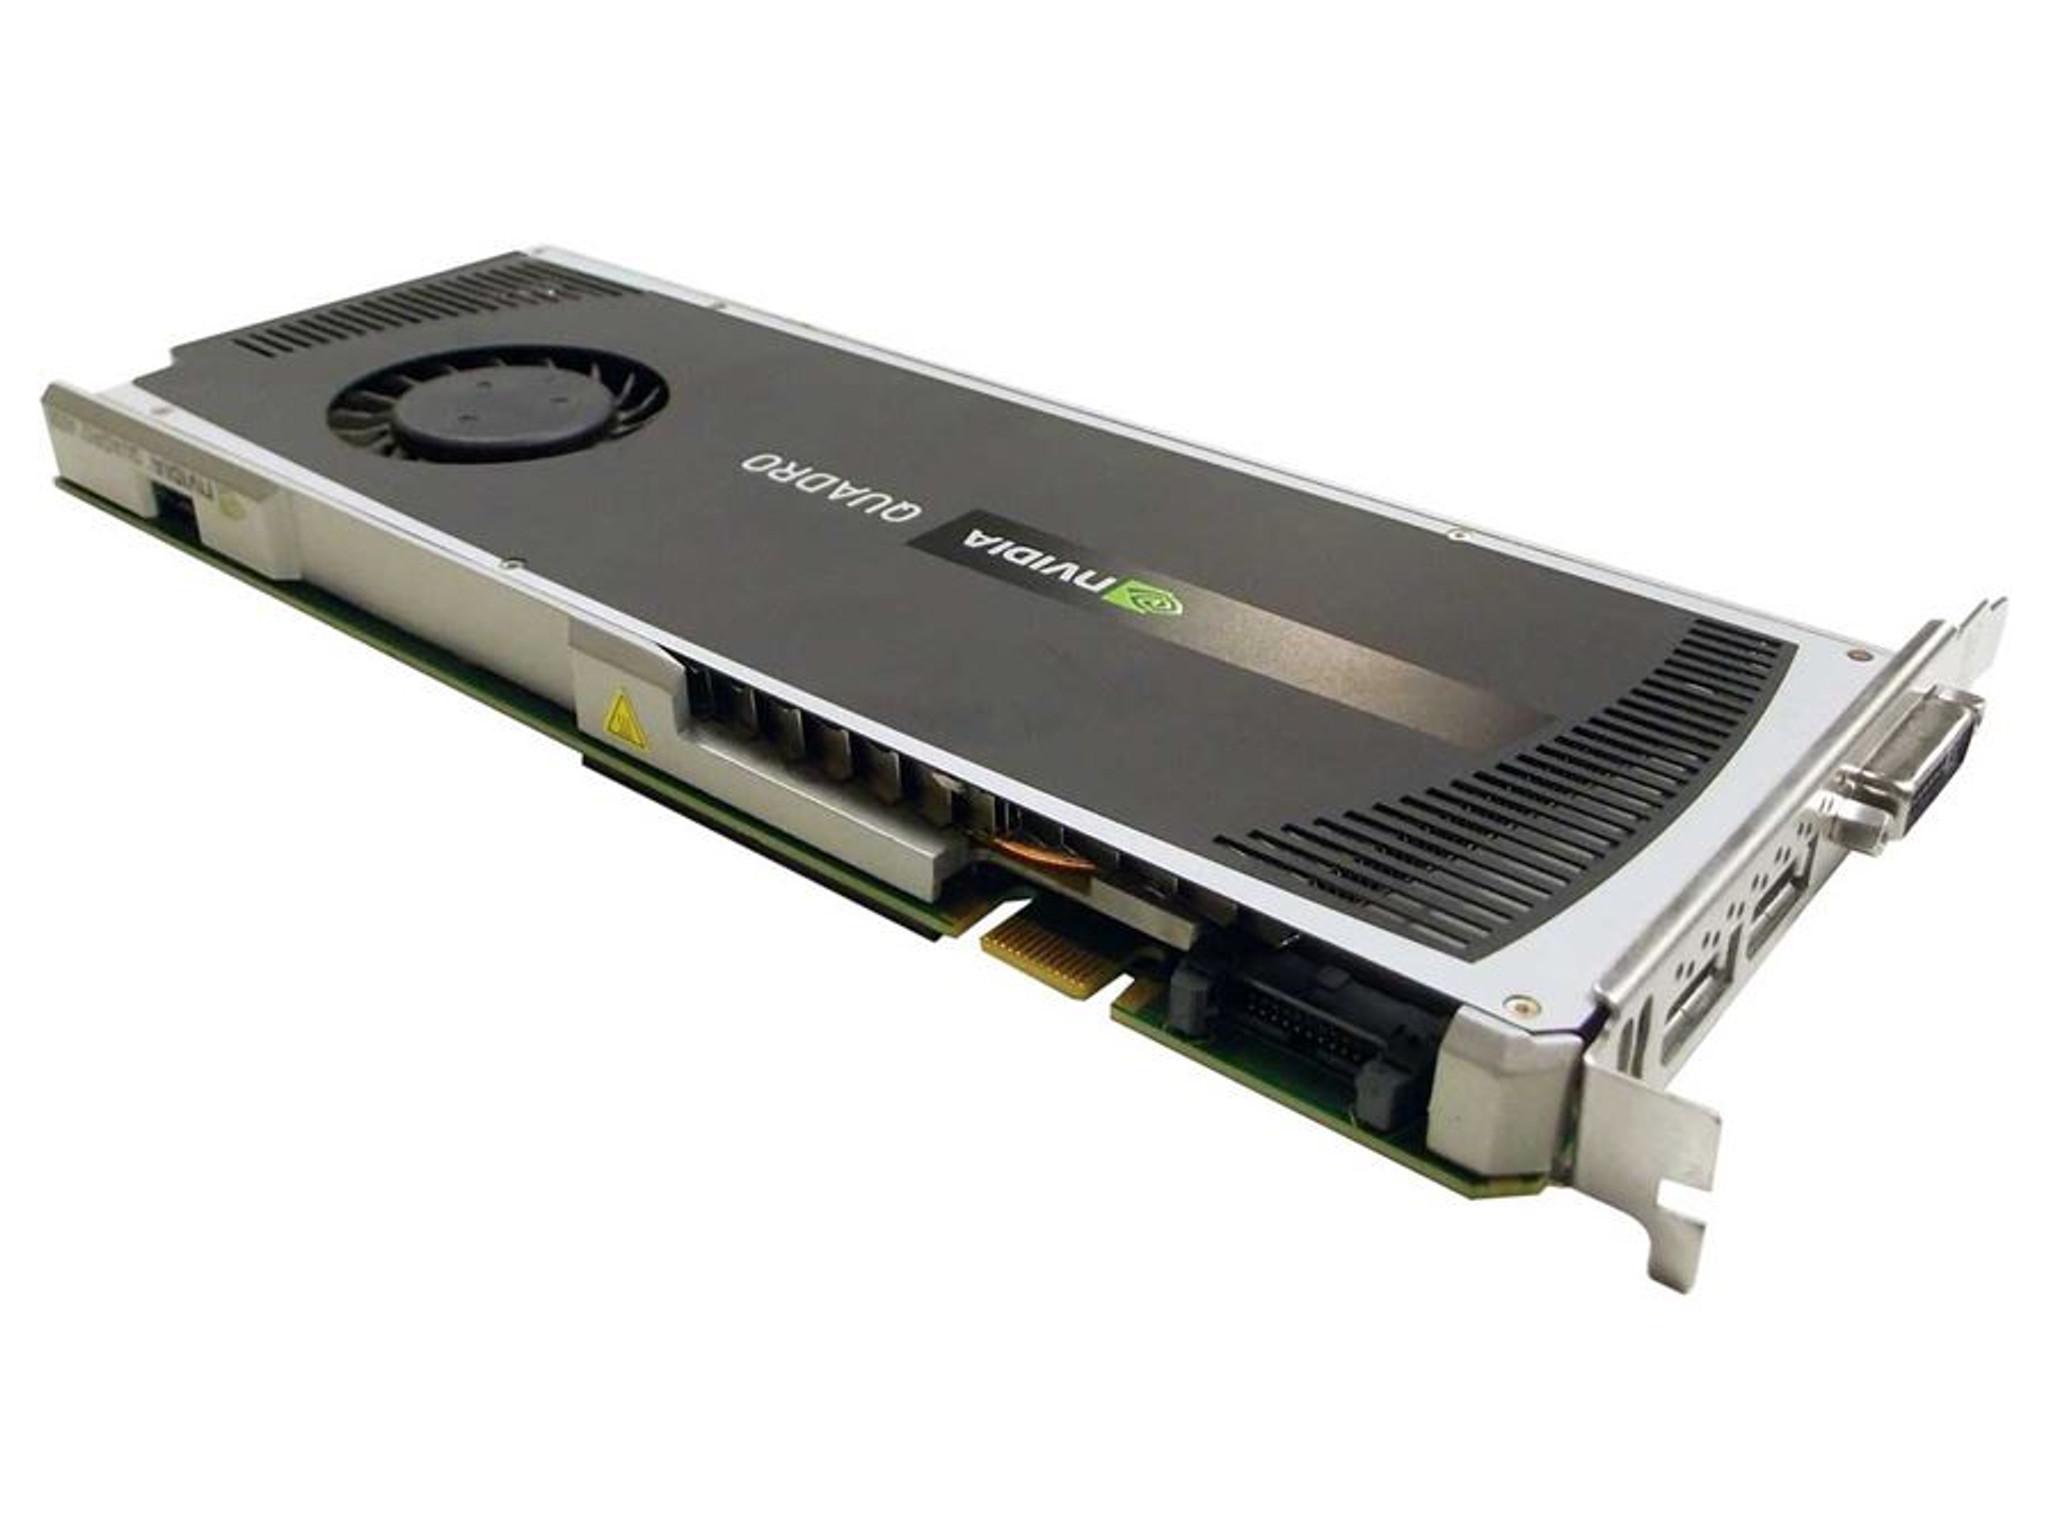 Dell 320-3292 NVIDIA Quadro 4000 2GB Video Card